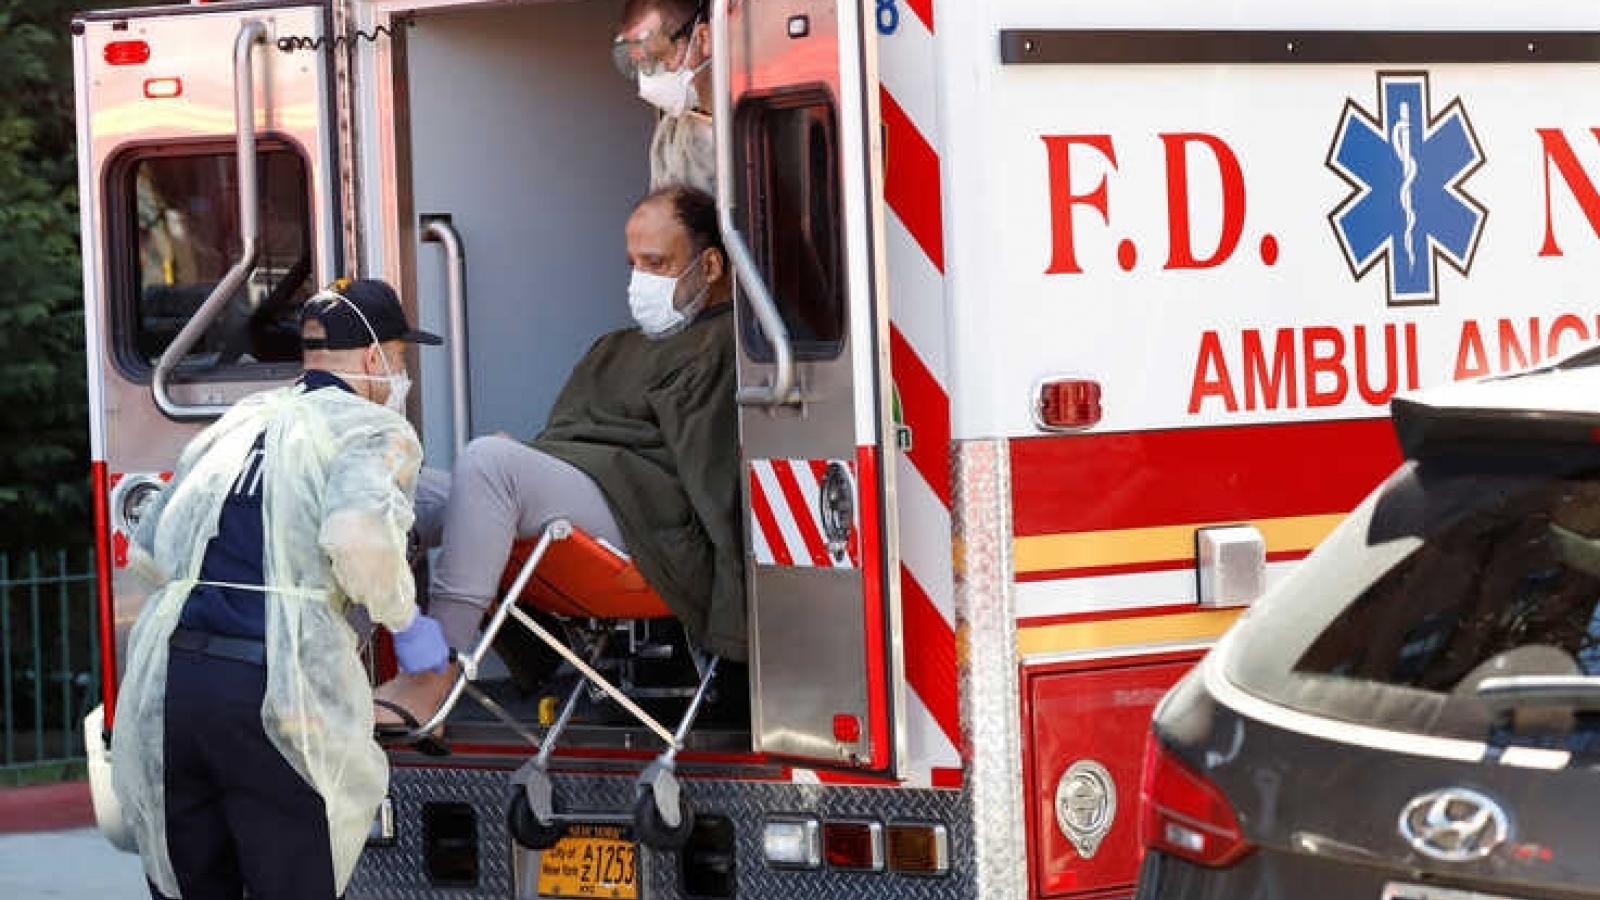 Thành phố New York (Mỹ) có hơn 10.000 ca tử vong do Covid-19